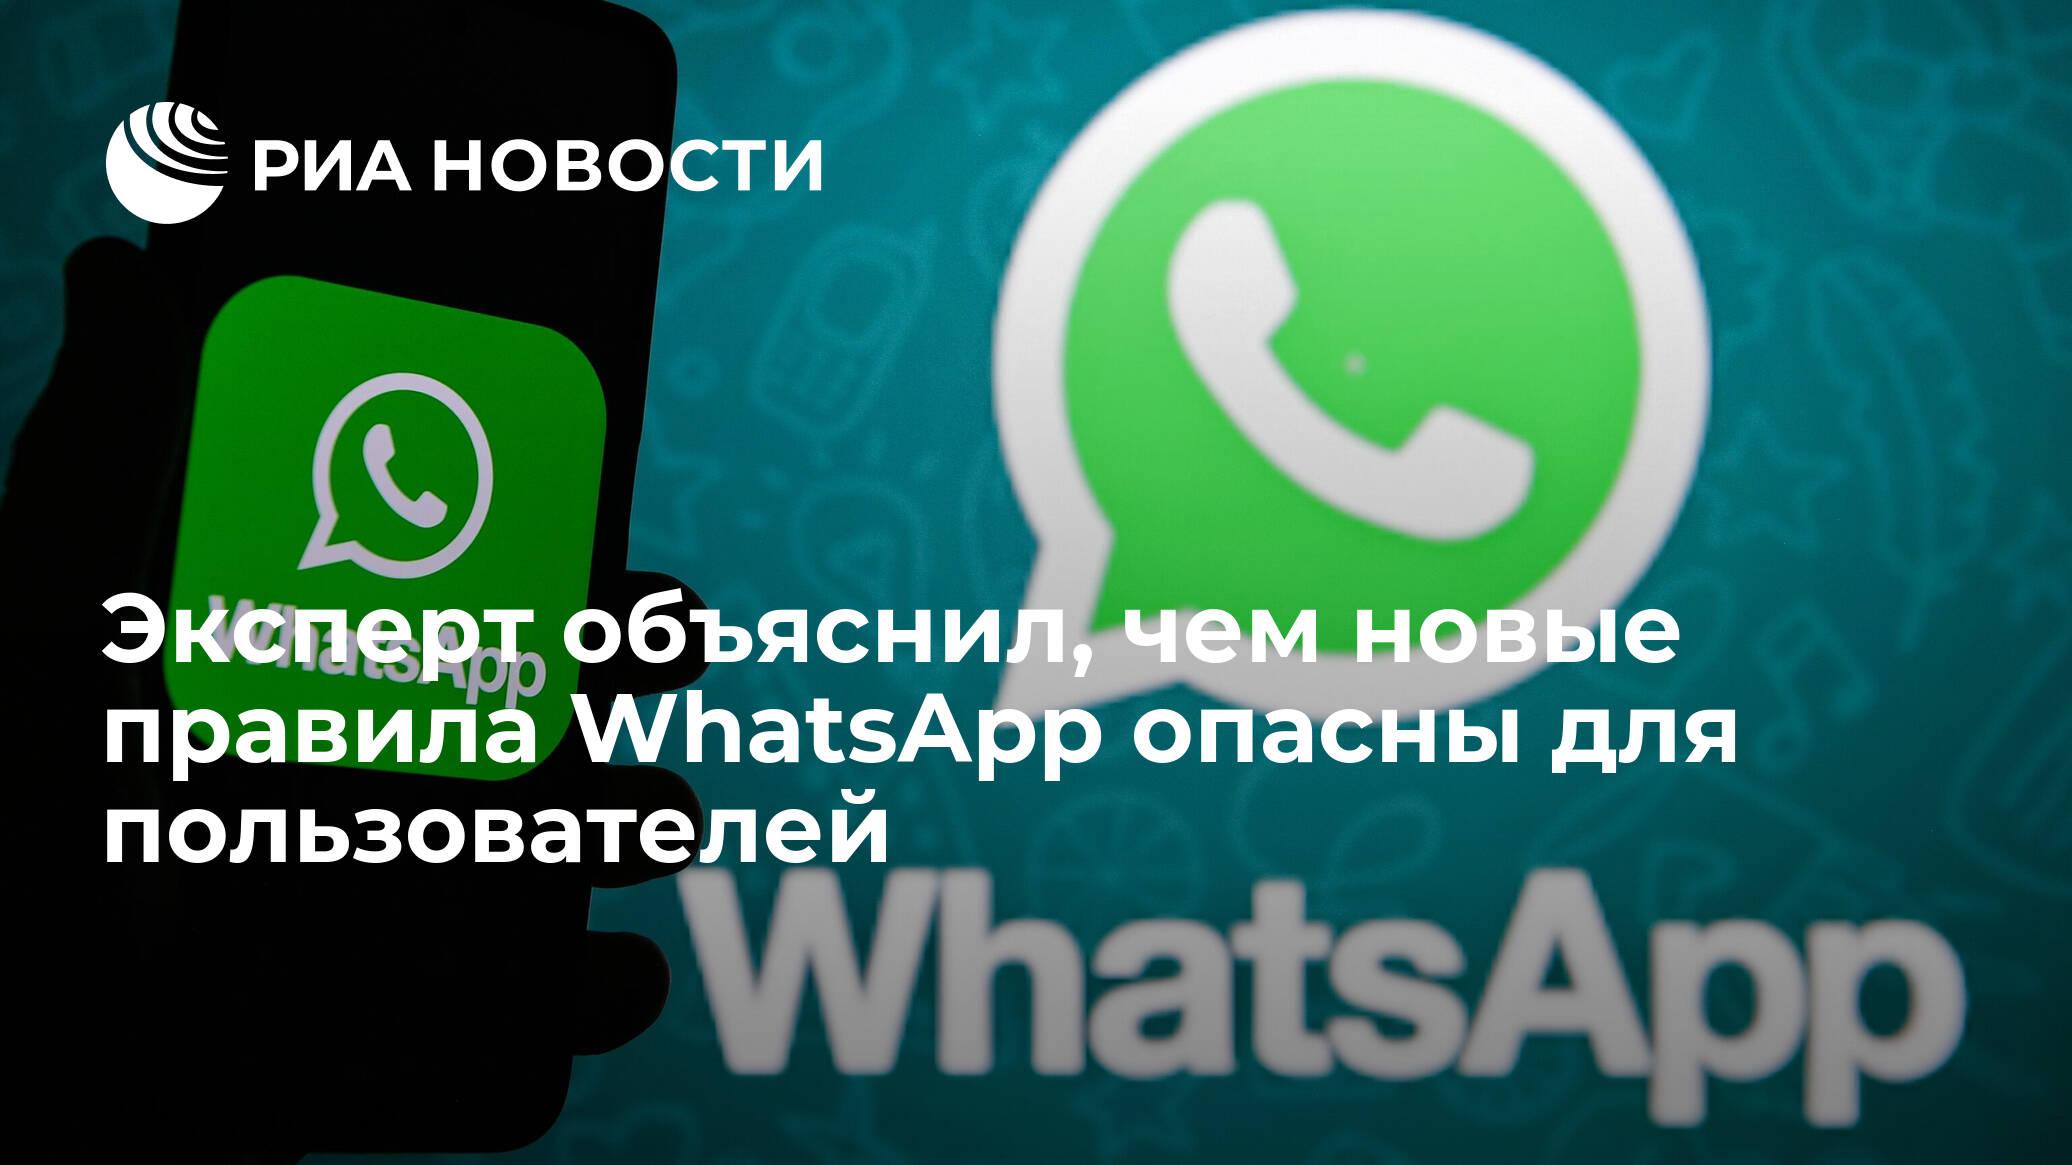 Эксперт объяснил, чем новые правила WhatsApp опасны для пользователей